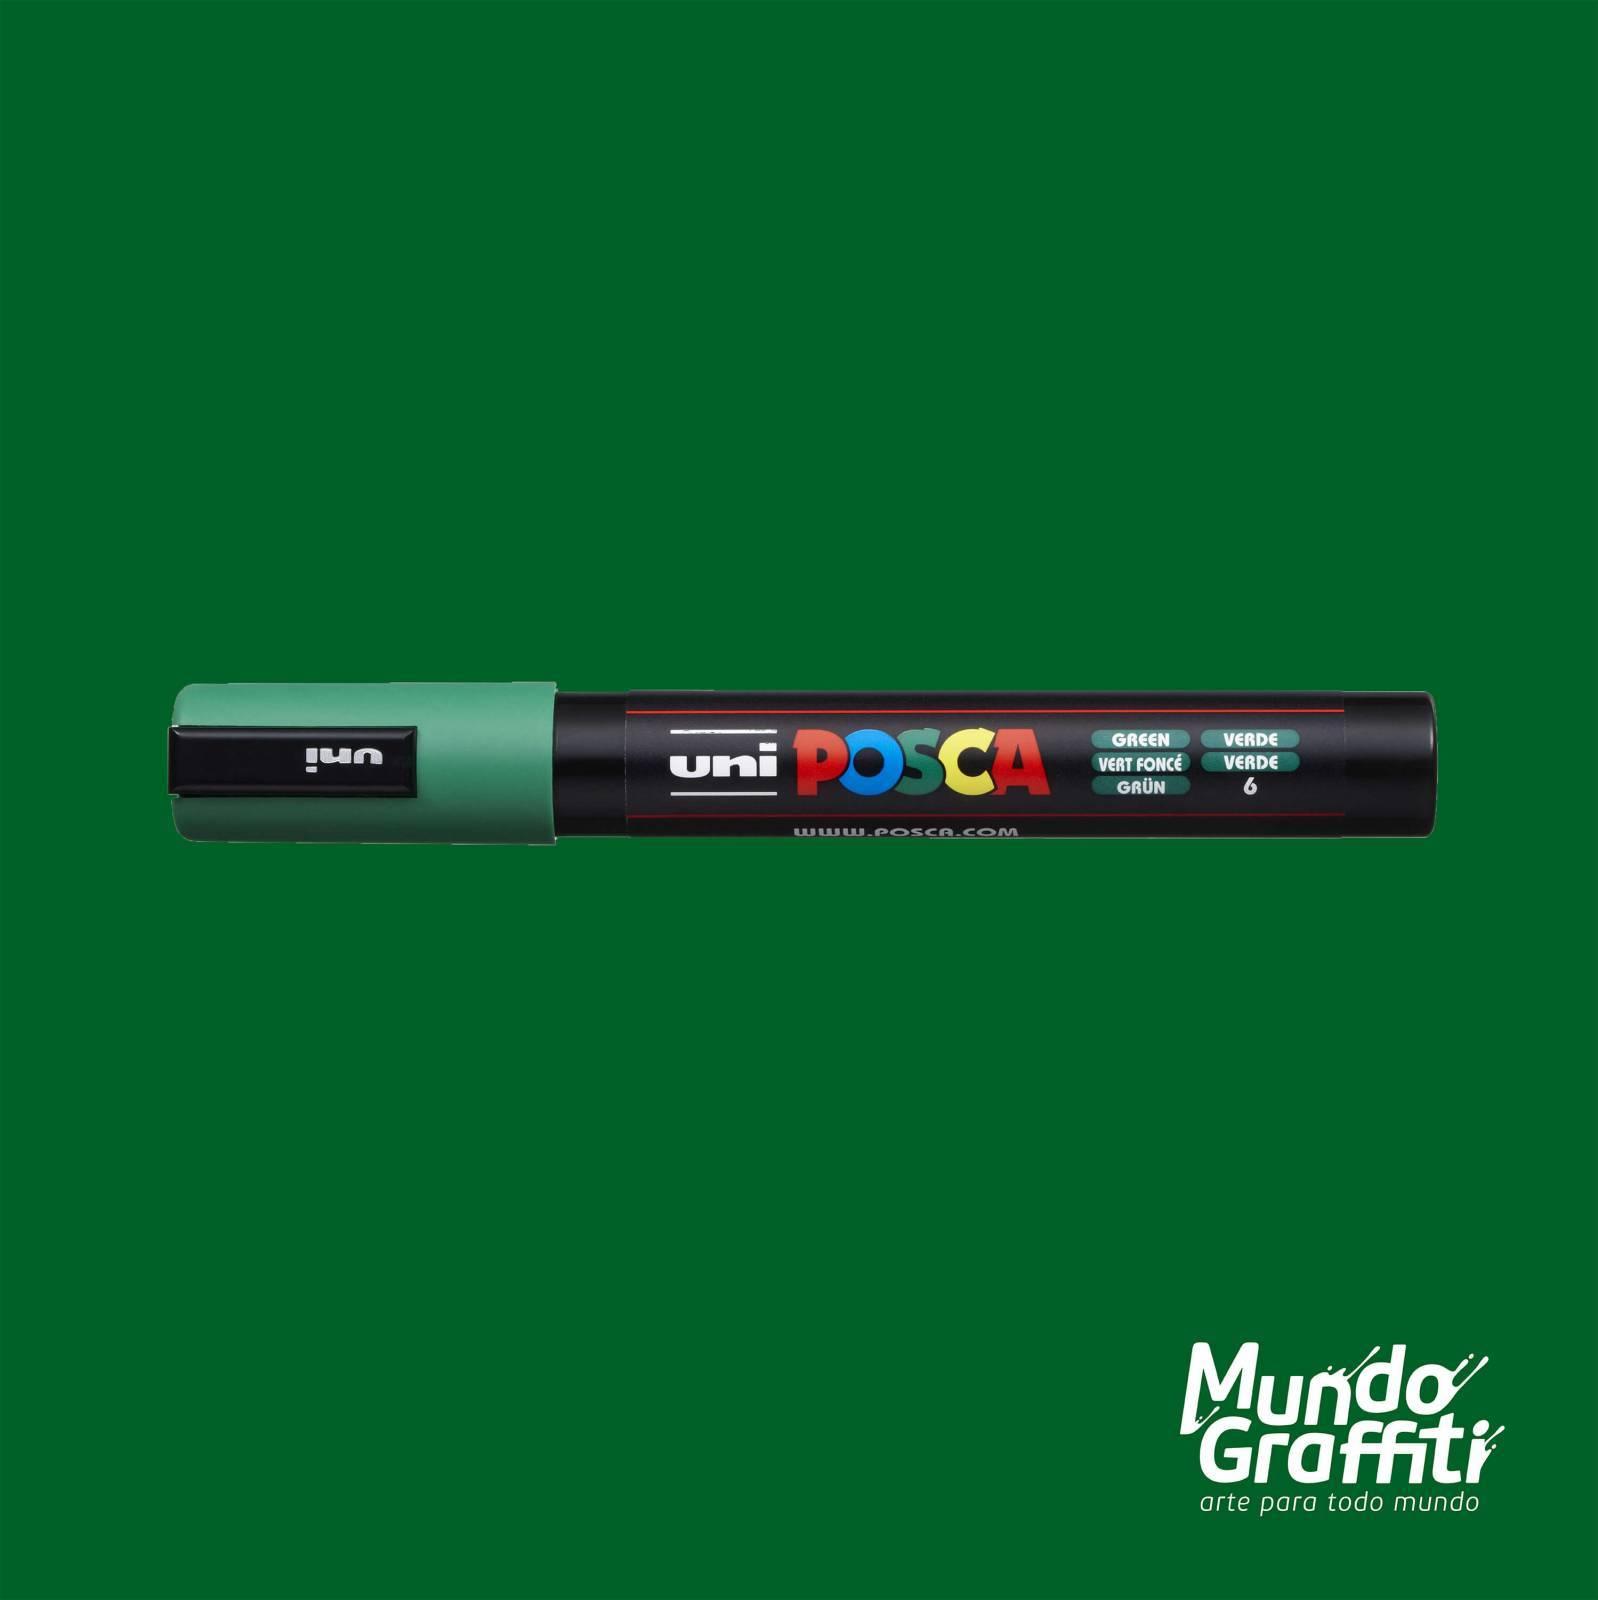 Caneta Posca 5M Verde - Mundo Graffiti